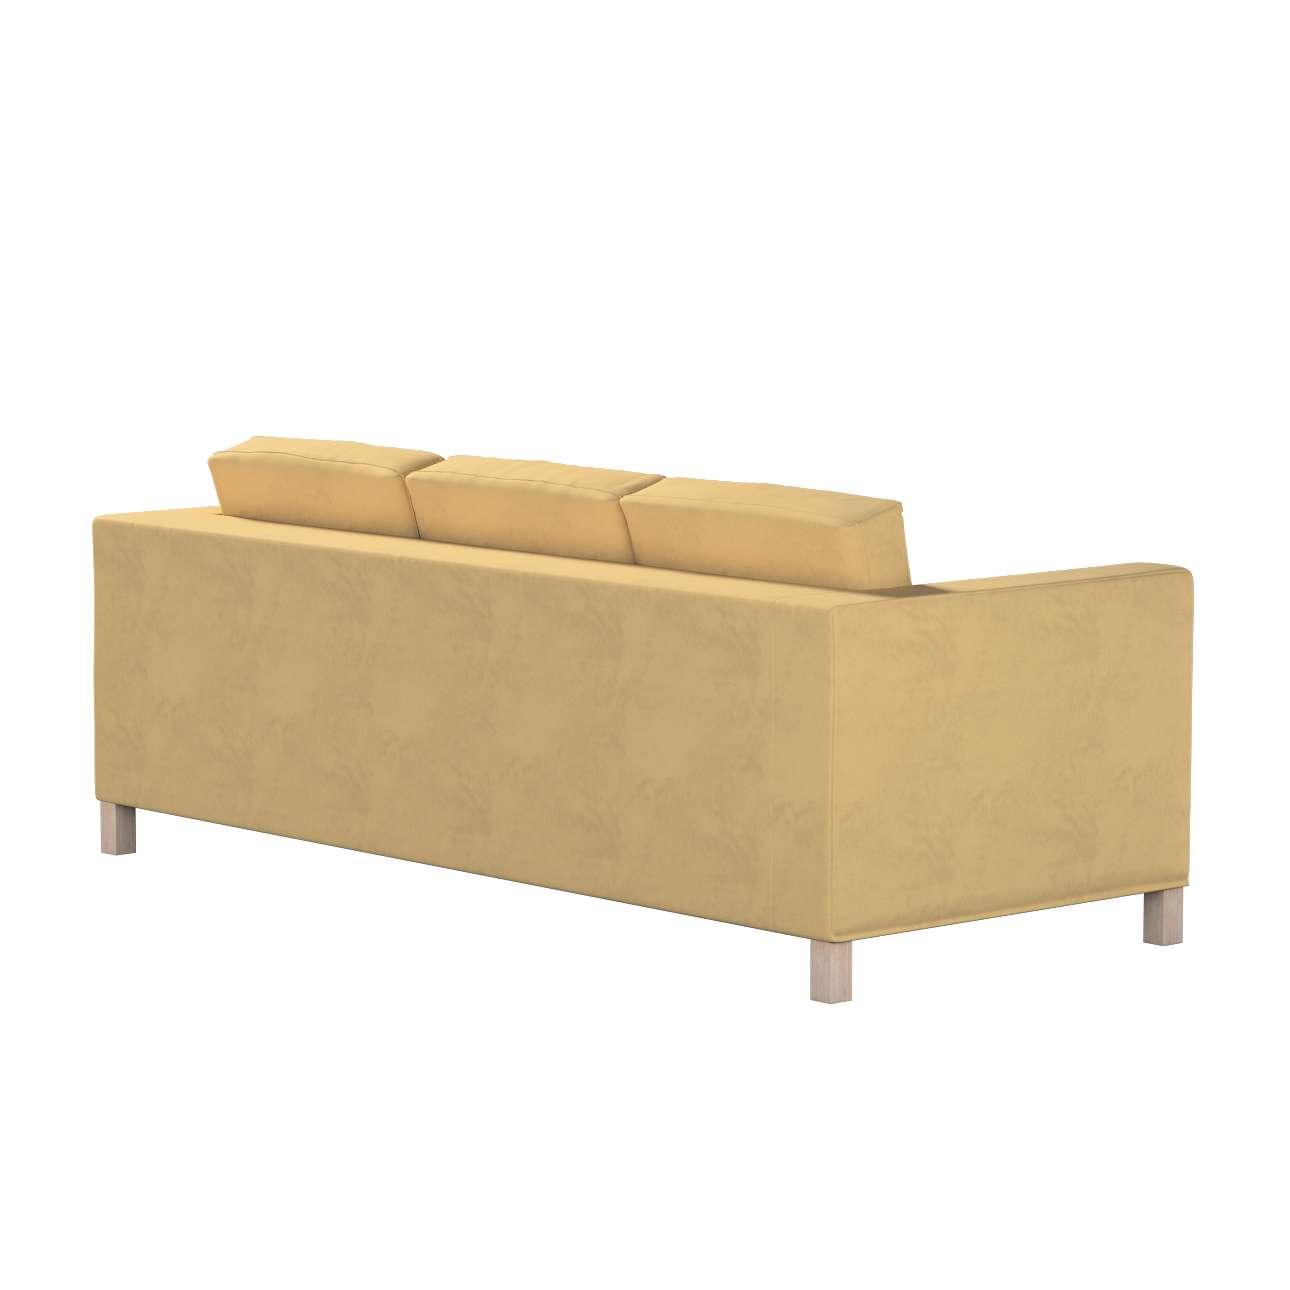 Karlanda 3-Sitzer Sofabezug nicht ausklappbar kurz von der Kollektion Living, Stoff: 160-93